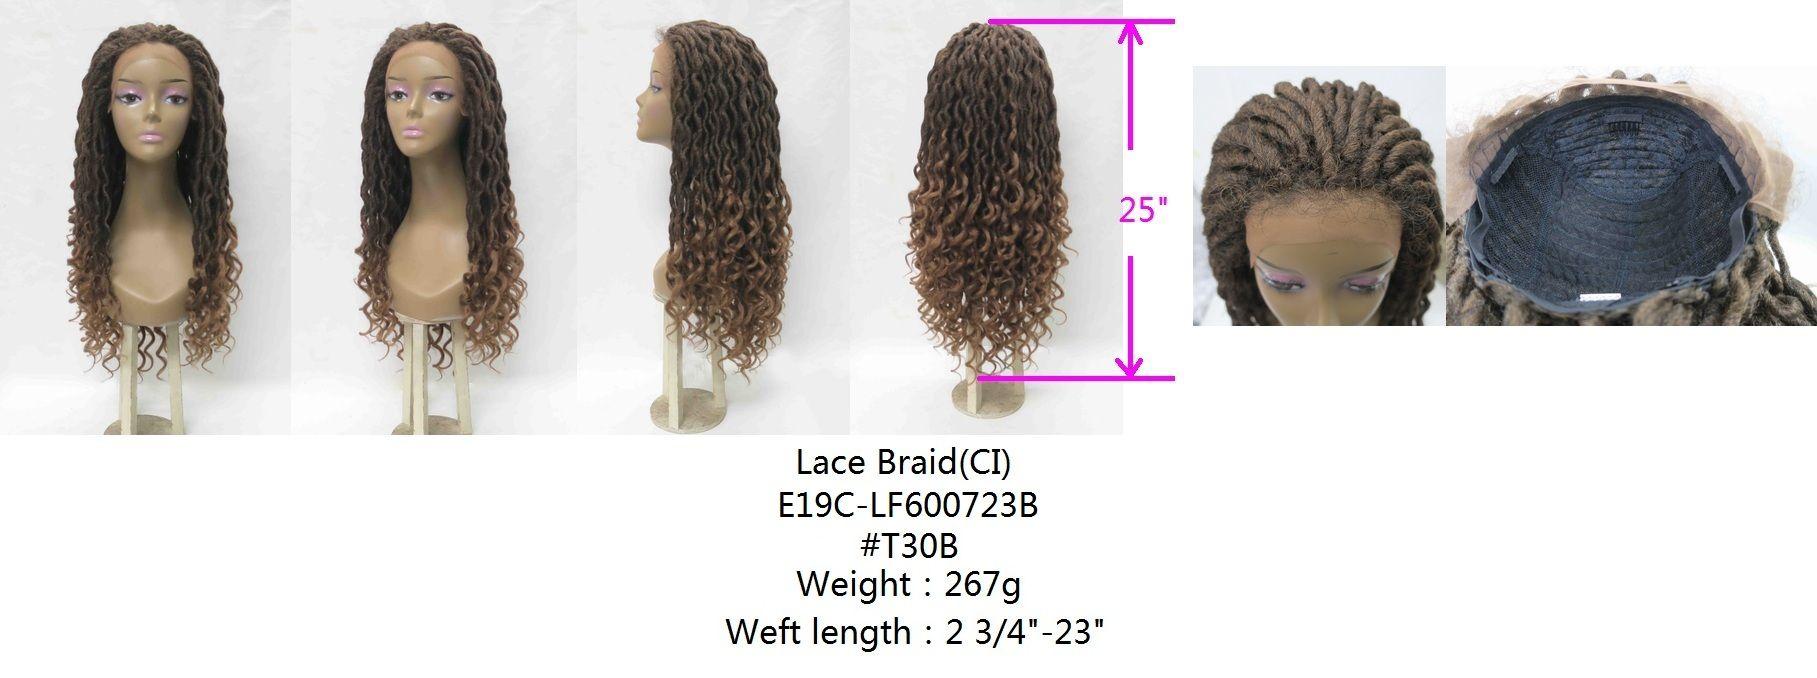 前蕾丝手织辫子棕色长发泡面卷蕾丝发进出口热销23英寸长辫子